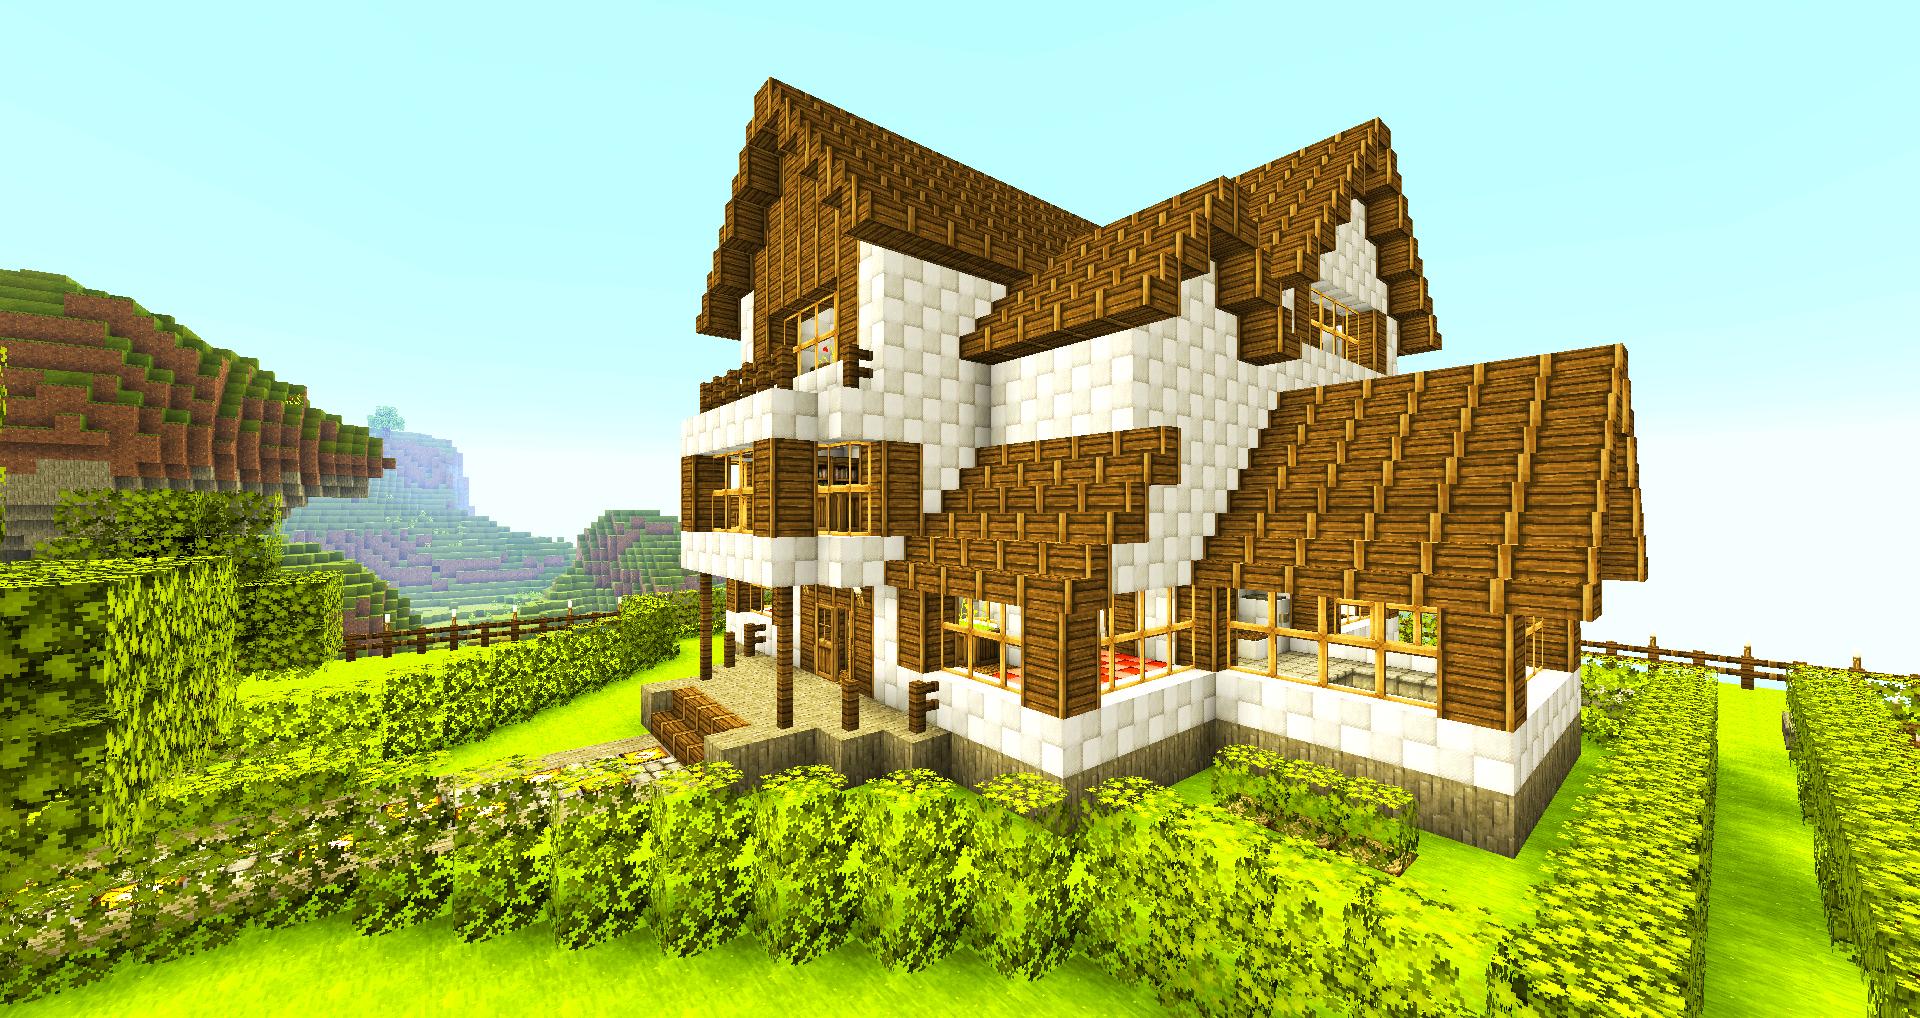 как сделать красивый дом в майнкрафте картинки